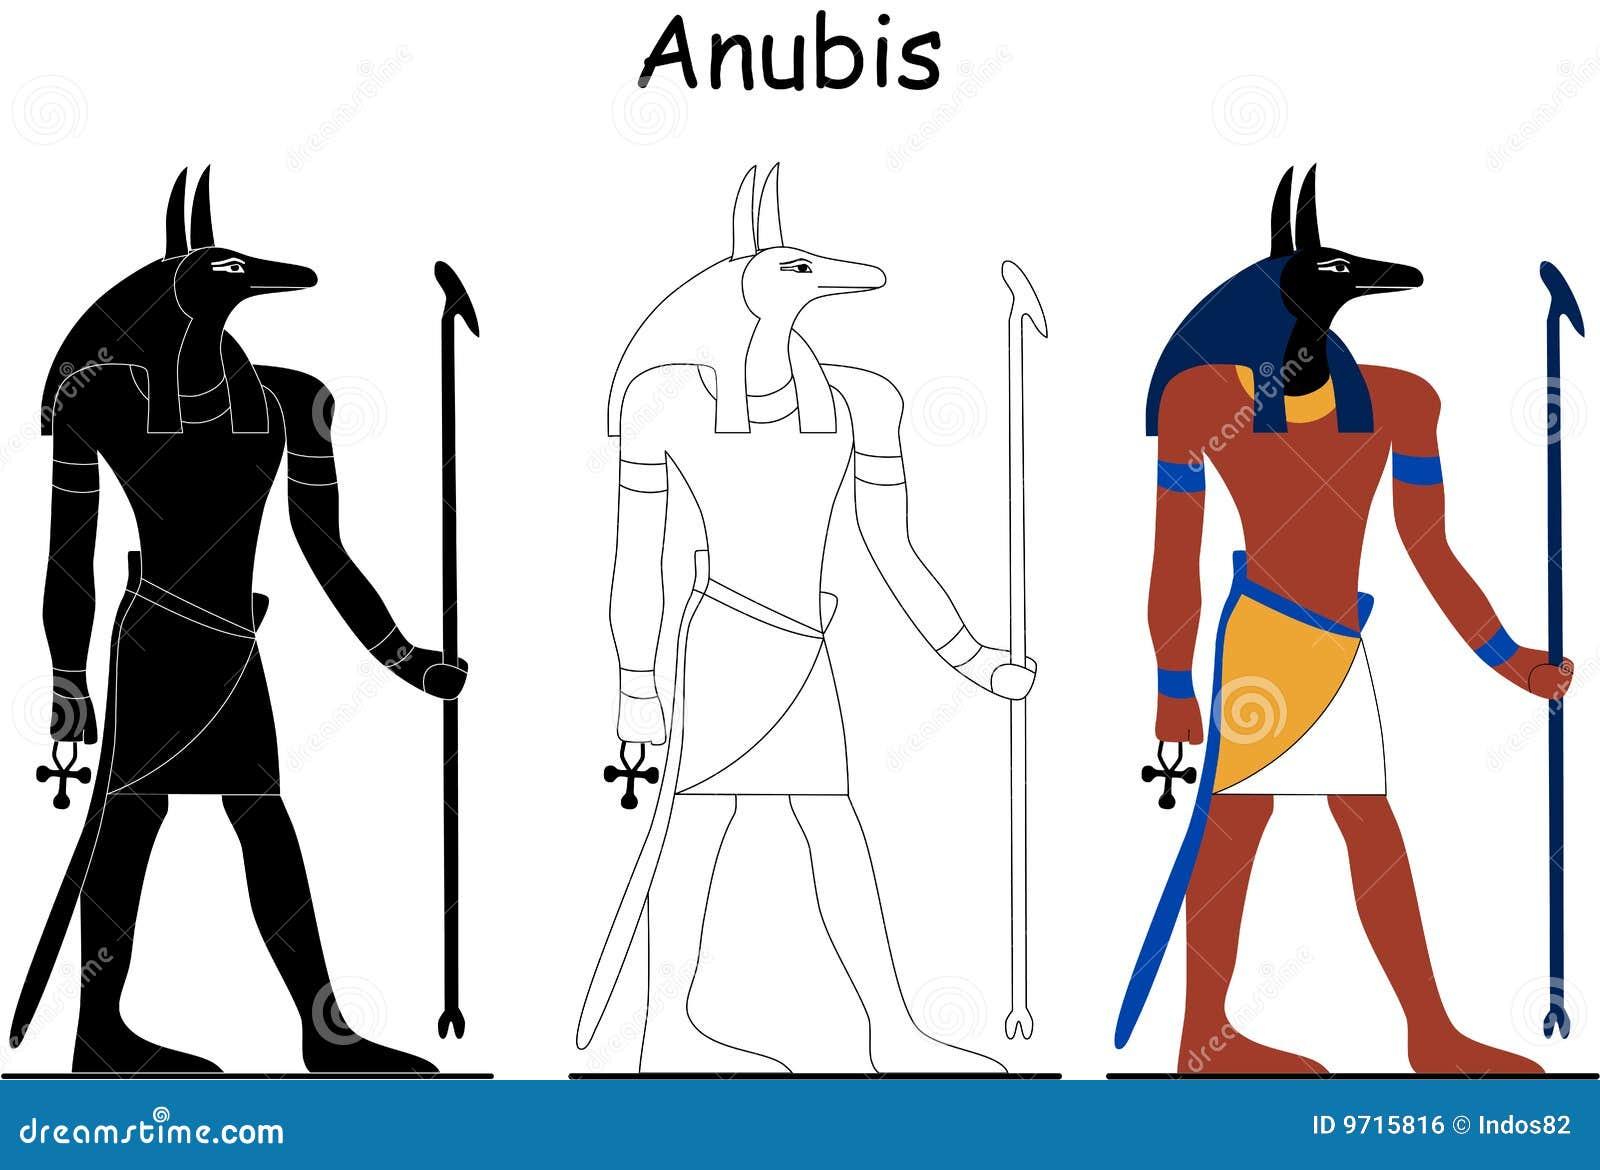 Ancient Egyptian god - Anubis